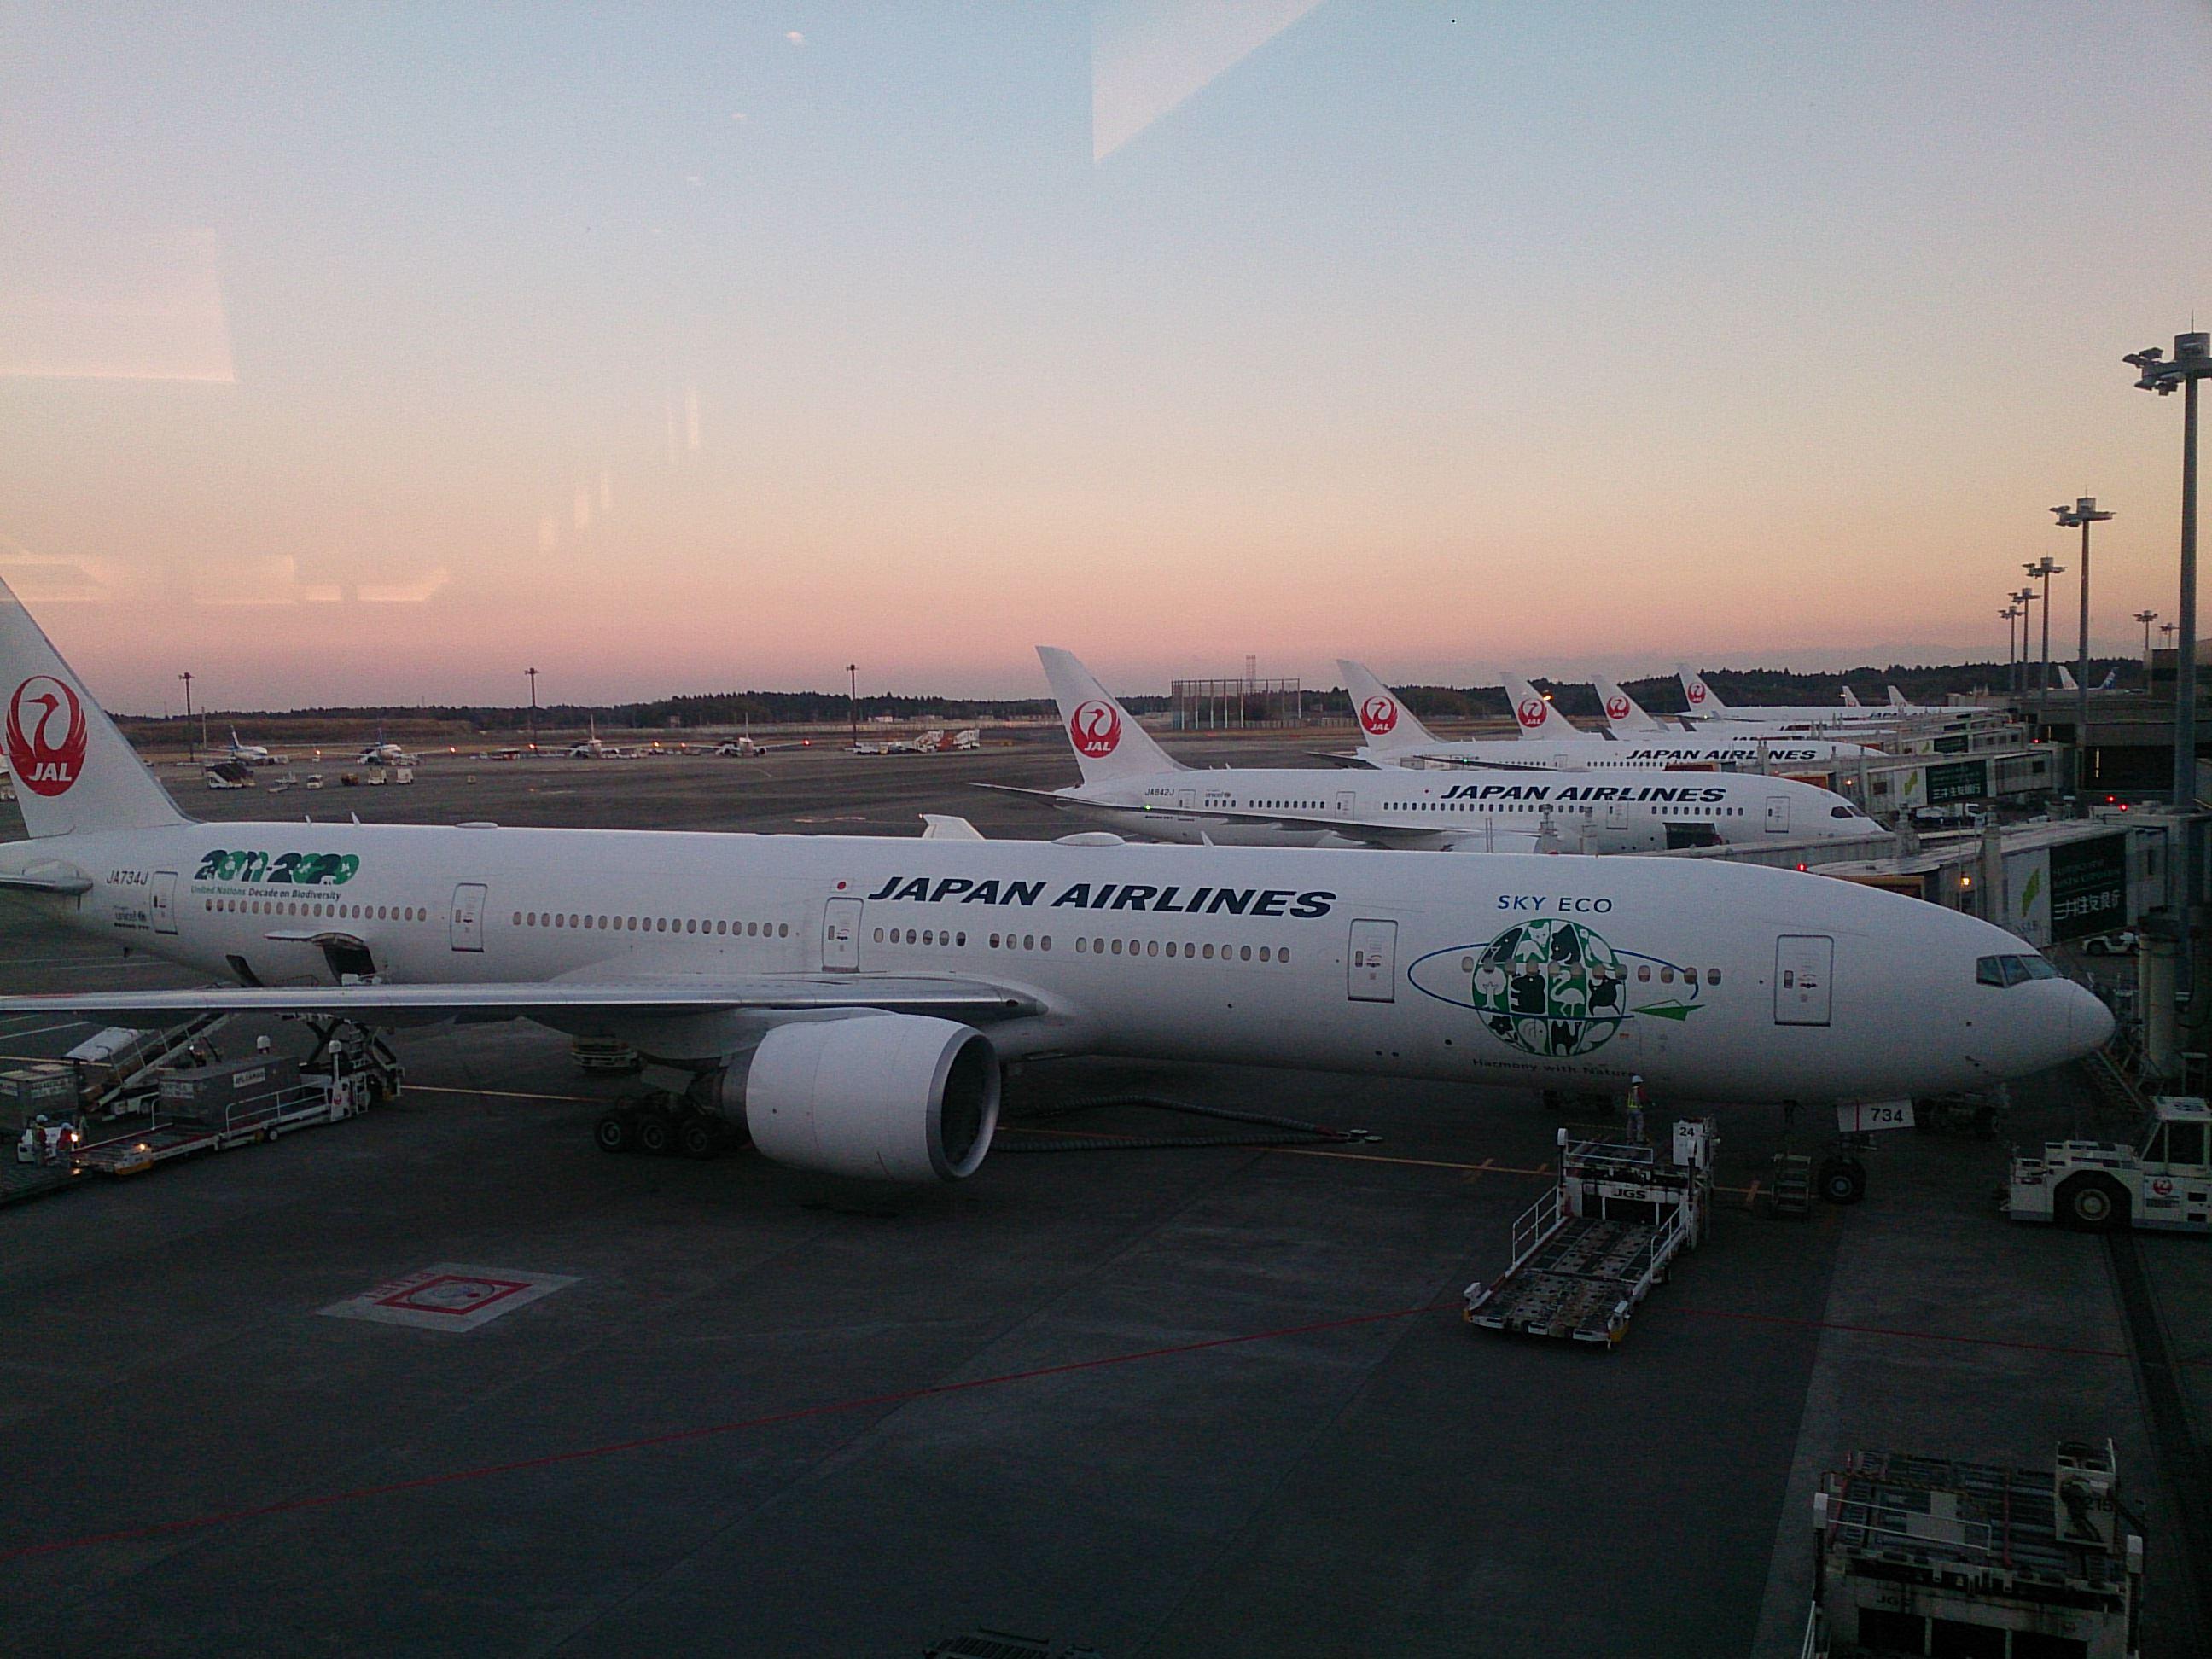 JL759 成田⇒ホーチミン 787-8エコノミー 搭乗記